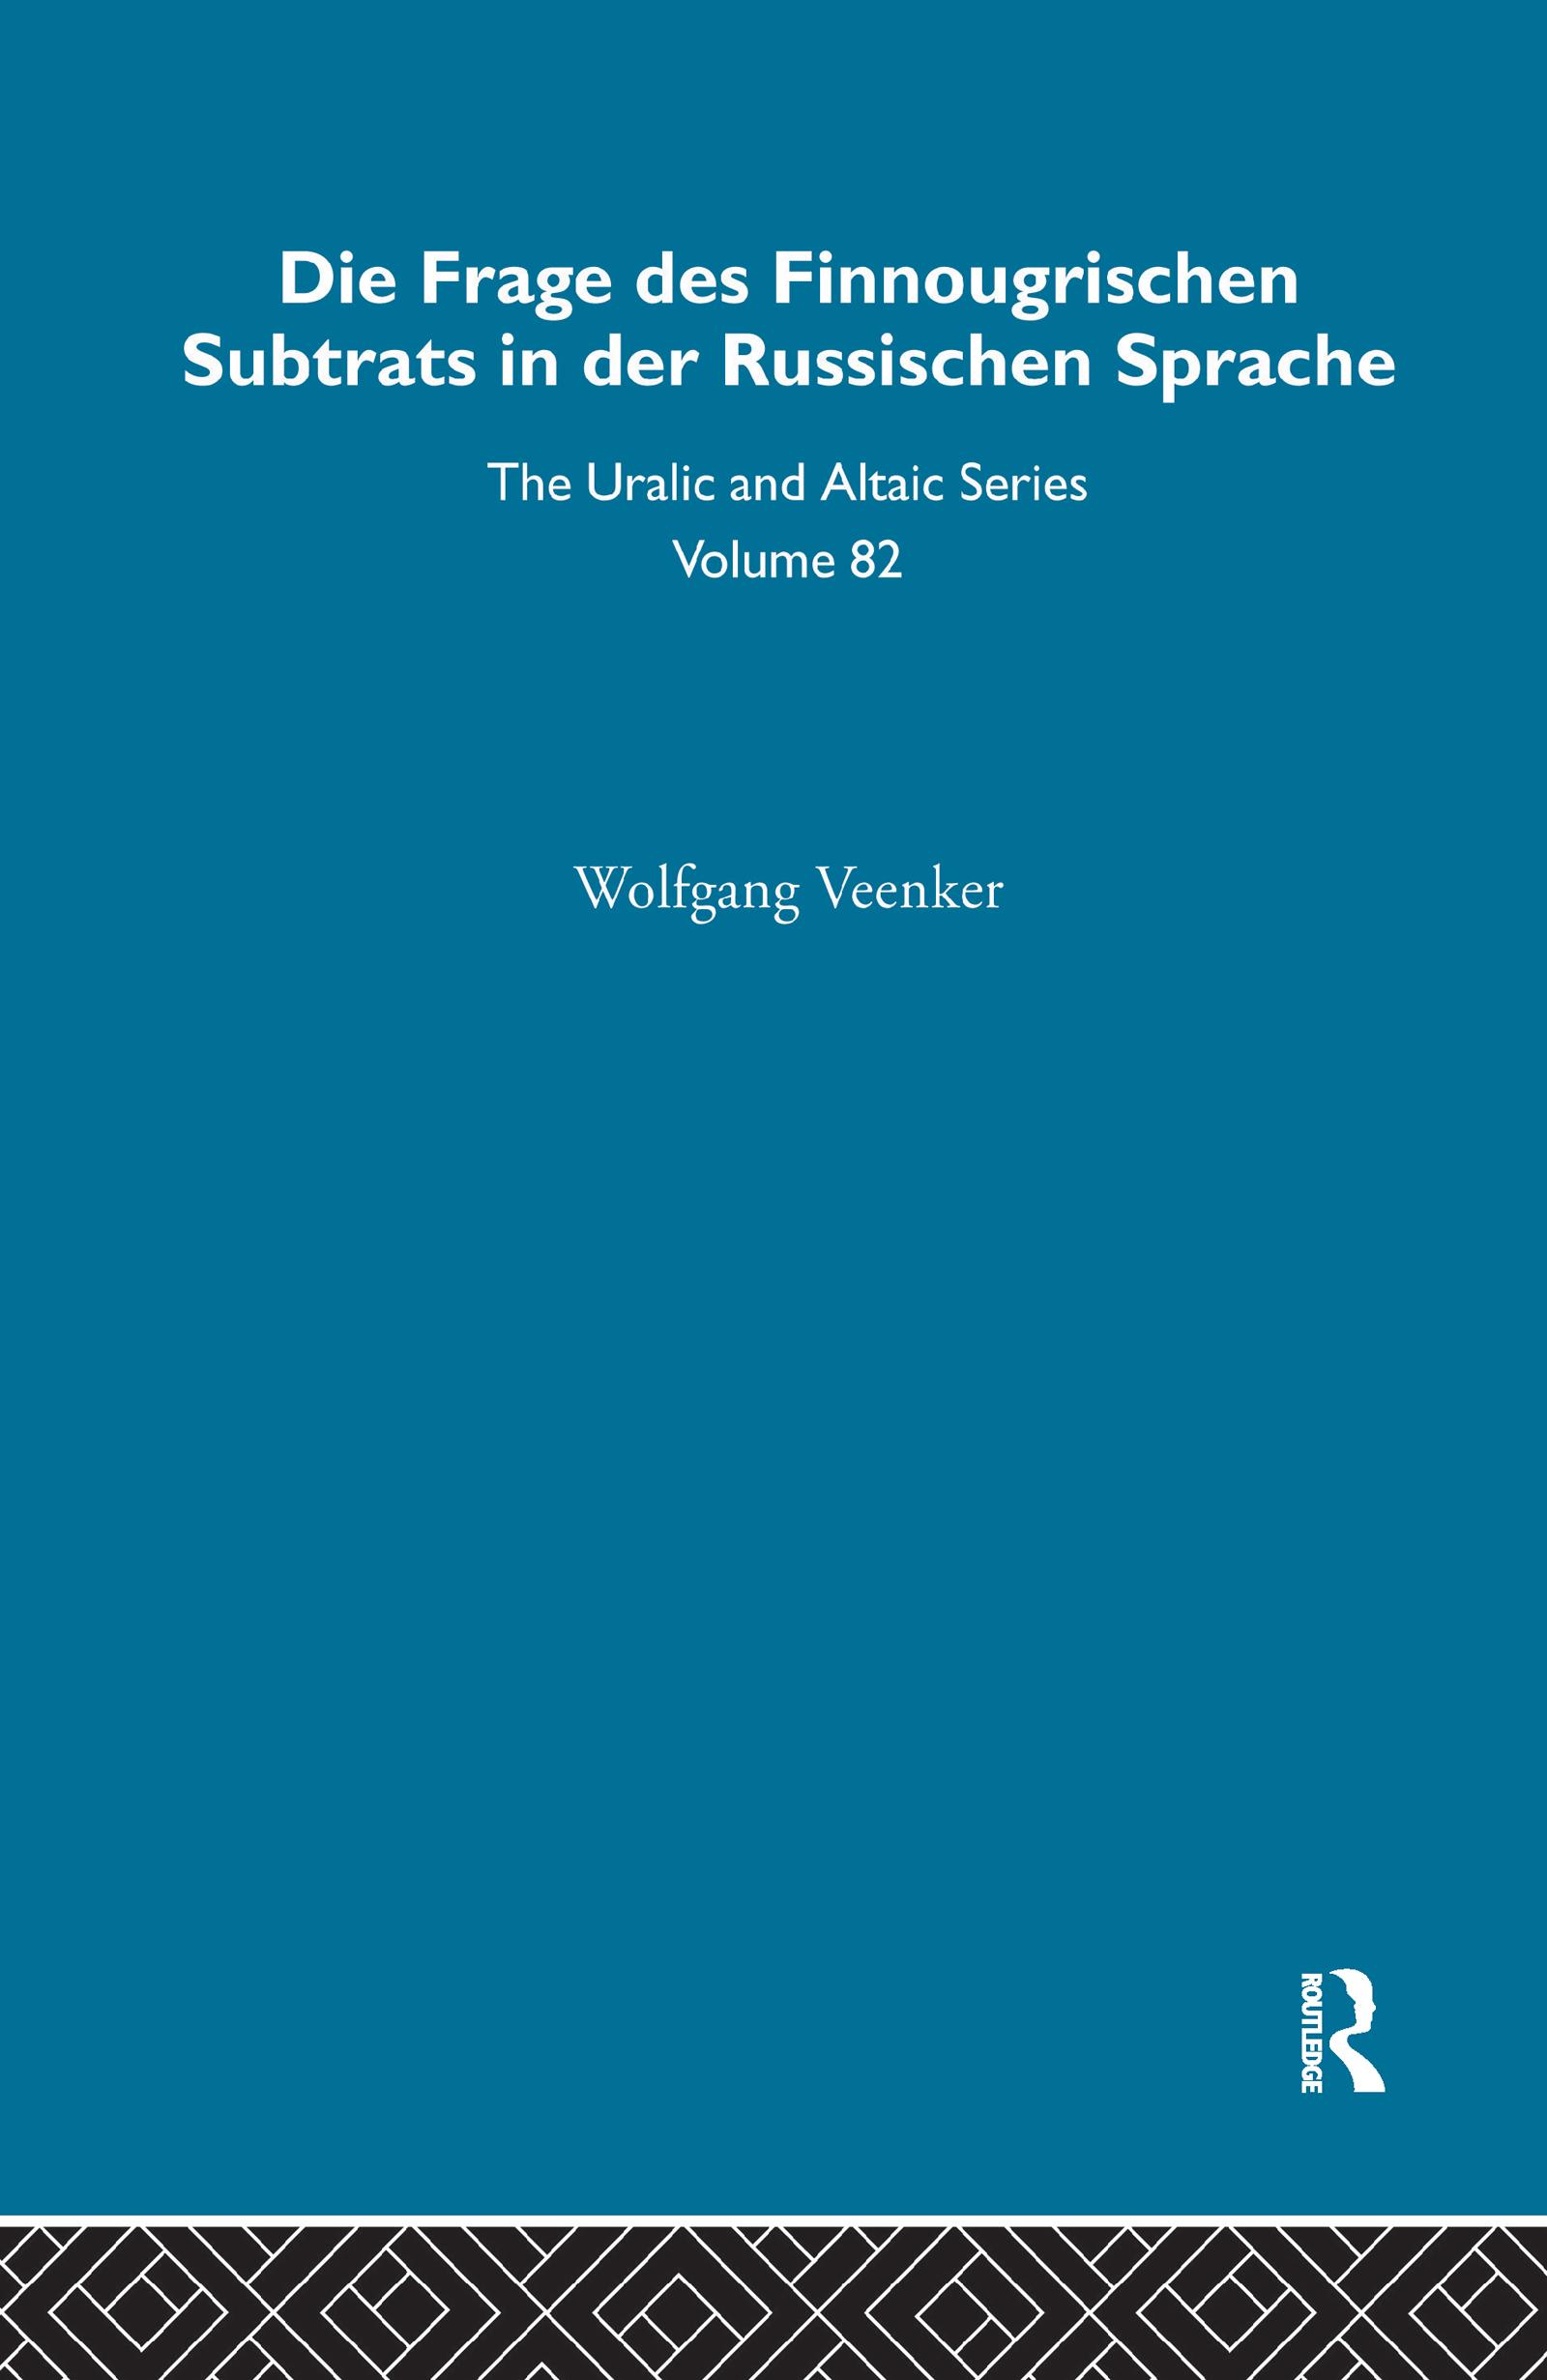 Die Frage Des Finnougrischen Substrats in der Russischen Sprache: 1st Edition (Hardback) book cover